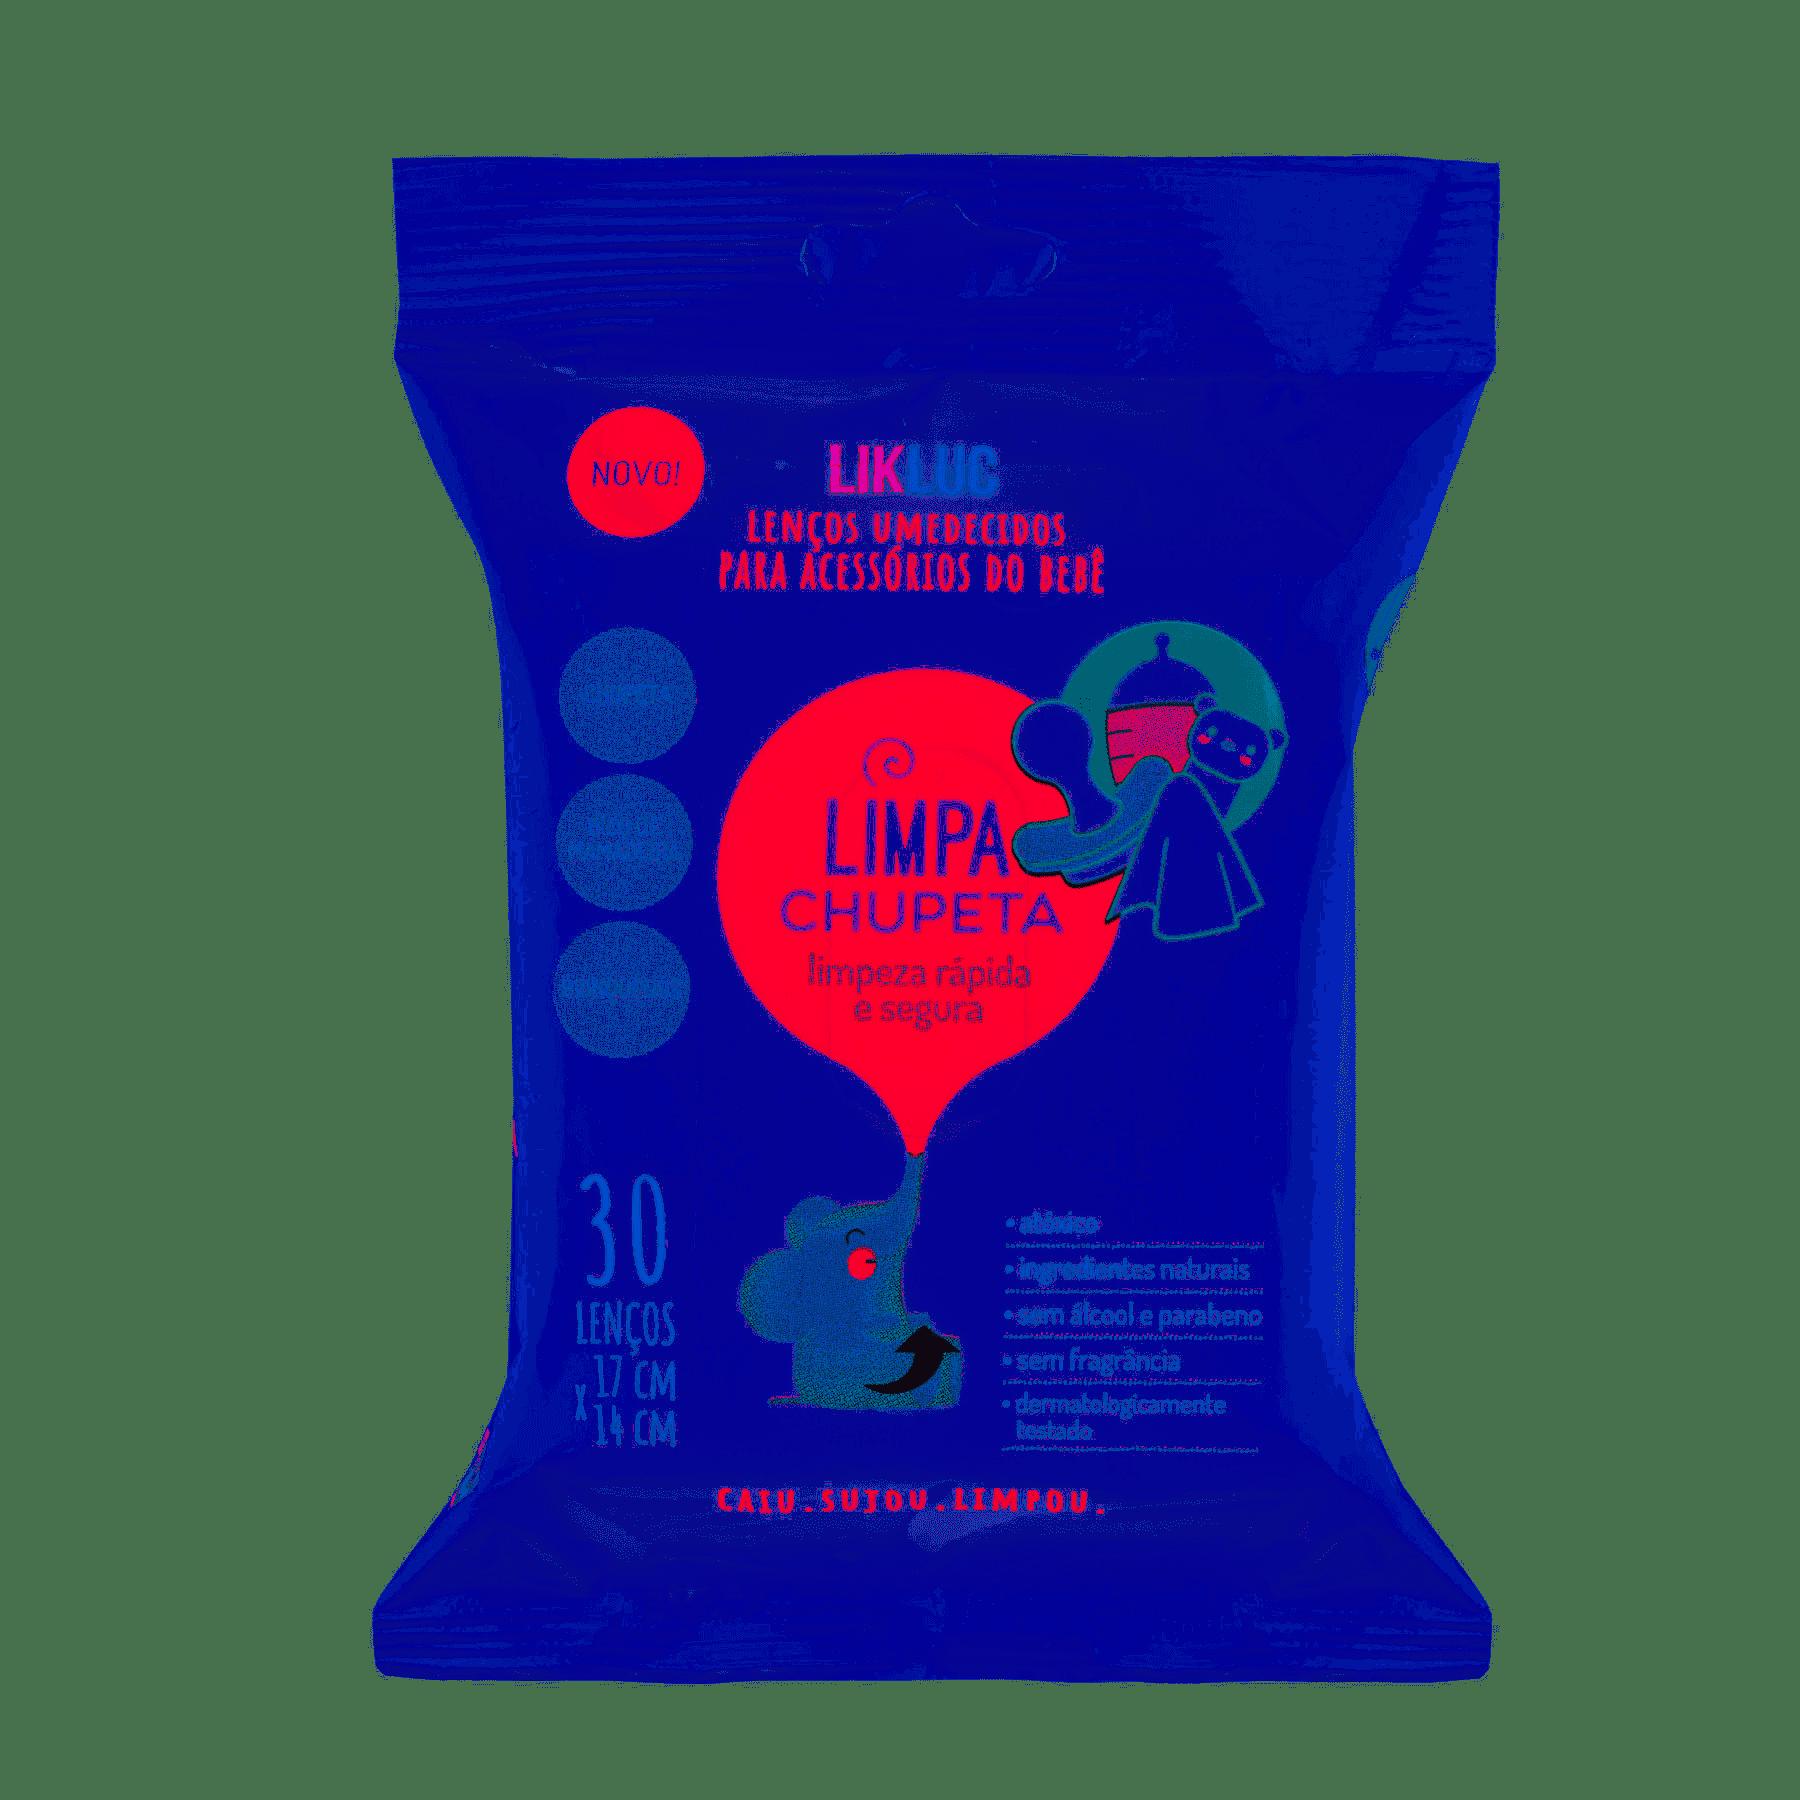 likluc-limpa-chupeta-lencos-umedecidos